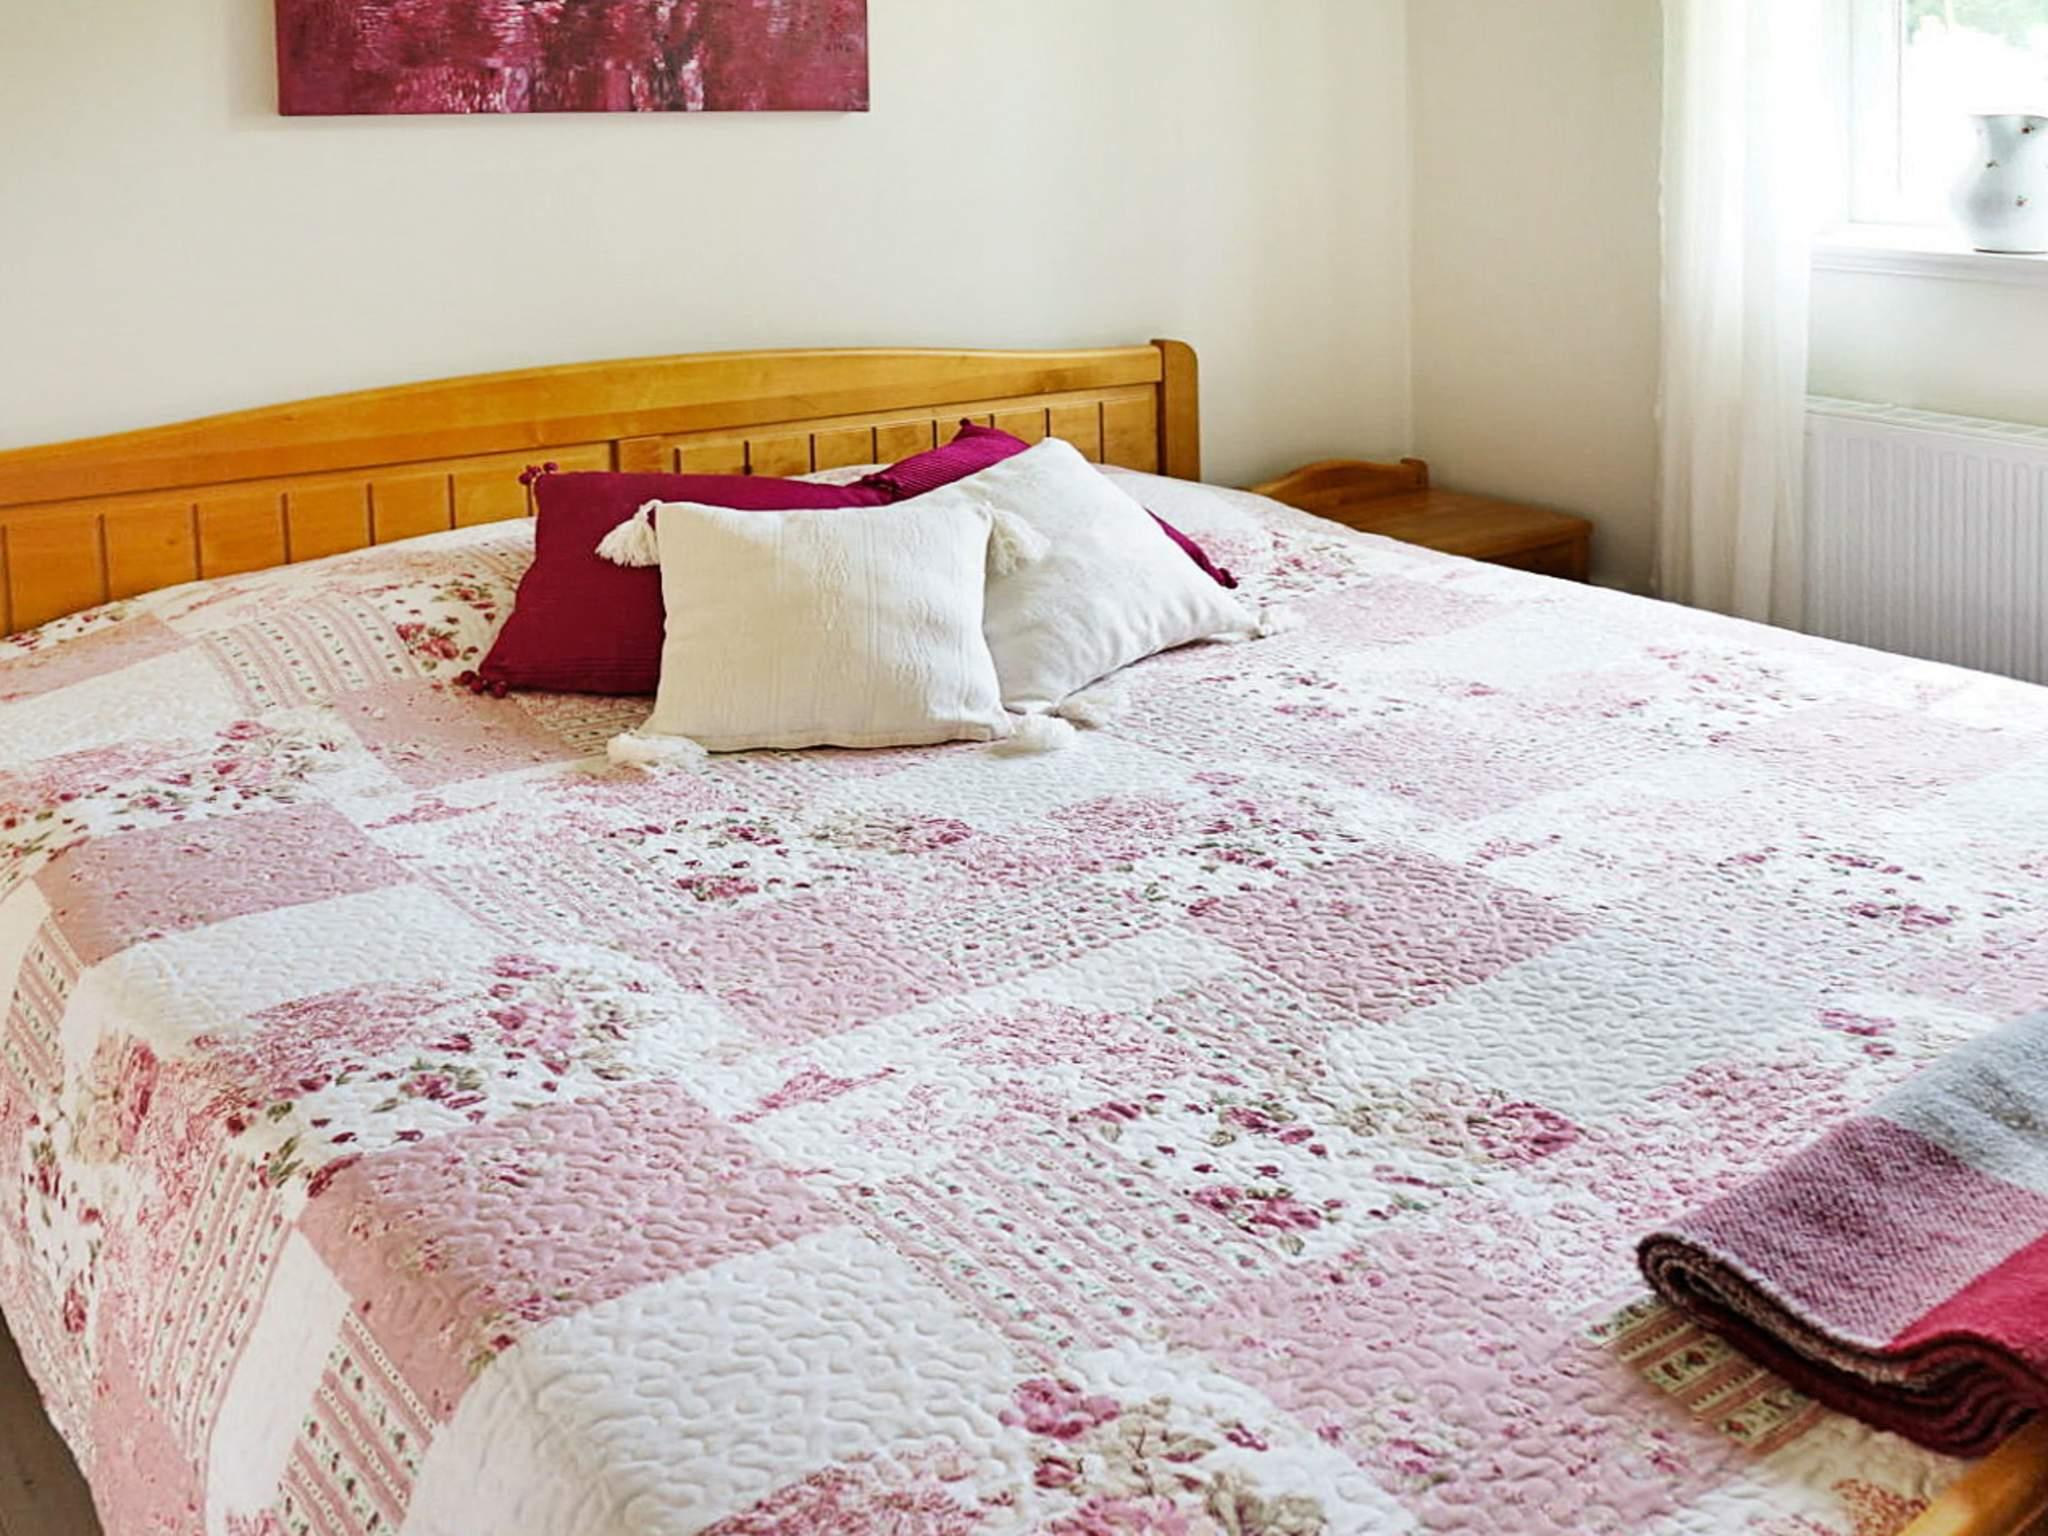 Ferienhaus 5 personen 3 schlafzimmer 110 m 2 wohnfläche